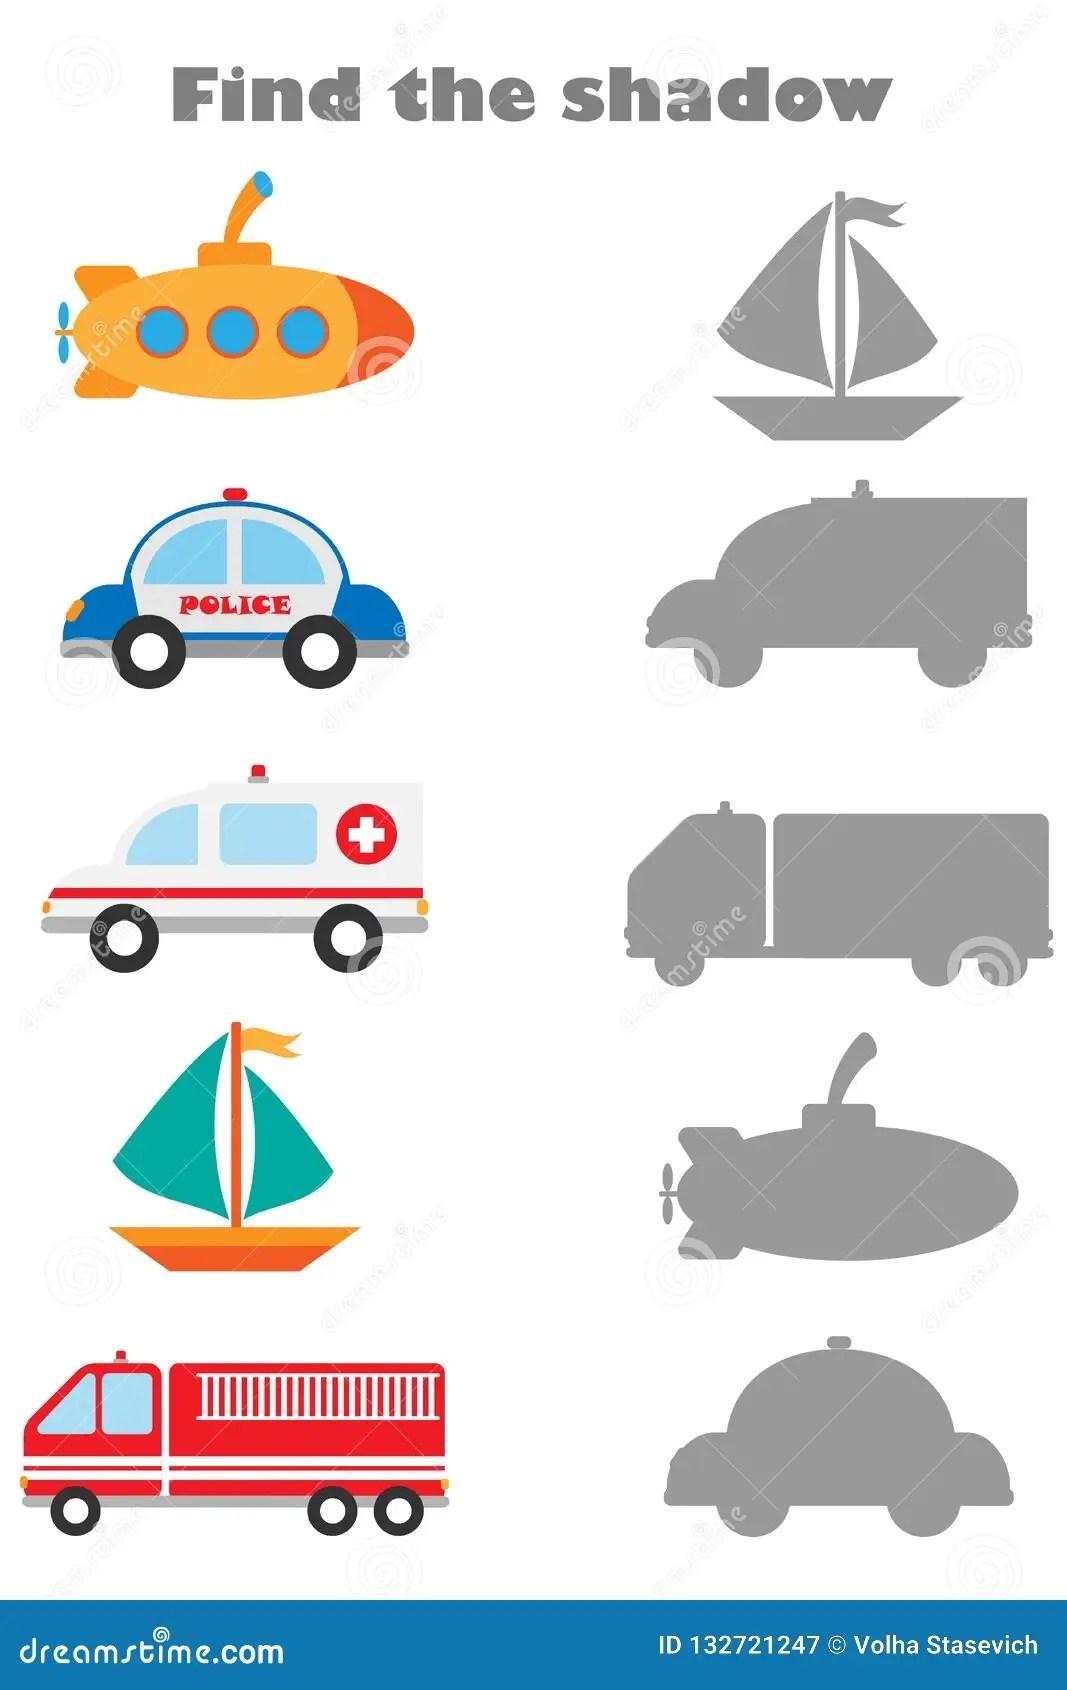 Vind Het Schaduwspel Met Beelden Van Verschillend Vervoer